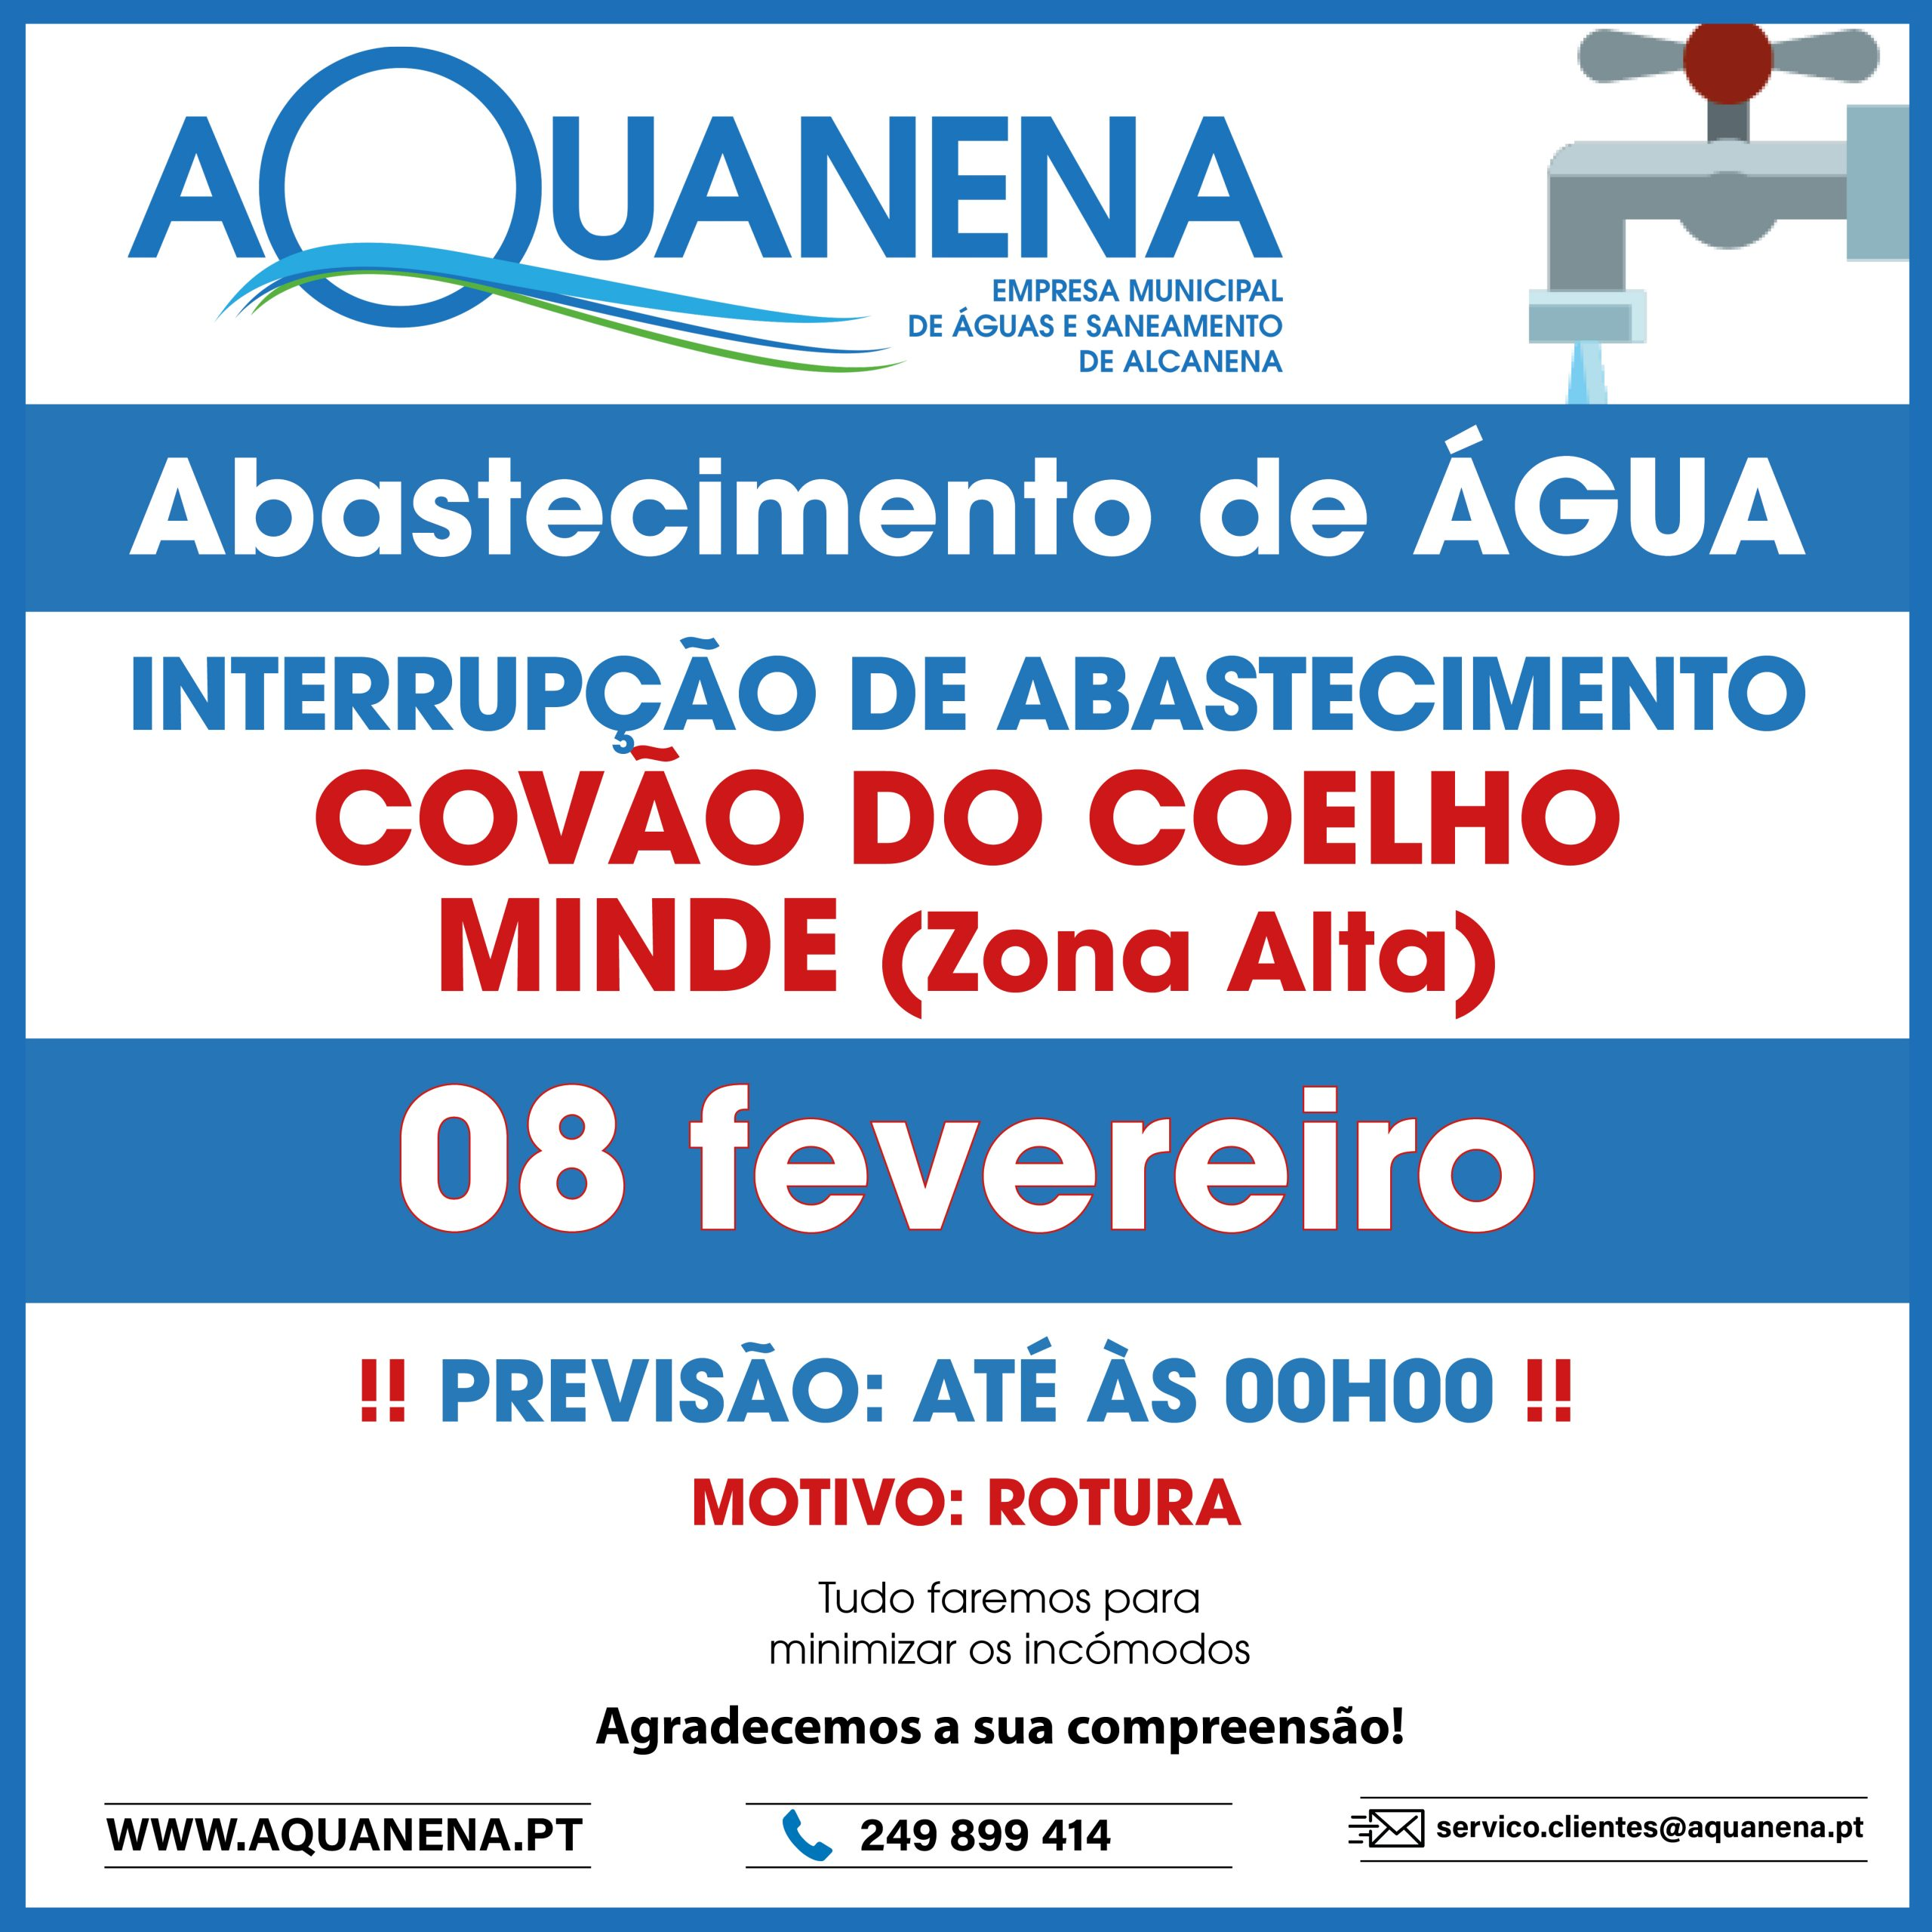 INTERRUPÇÃO de abastecimento de água por rotura em COVÃO DO COELHO e Minde (Zona Alta)